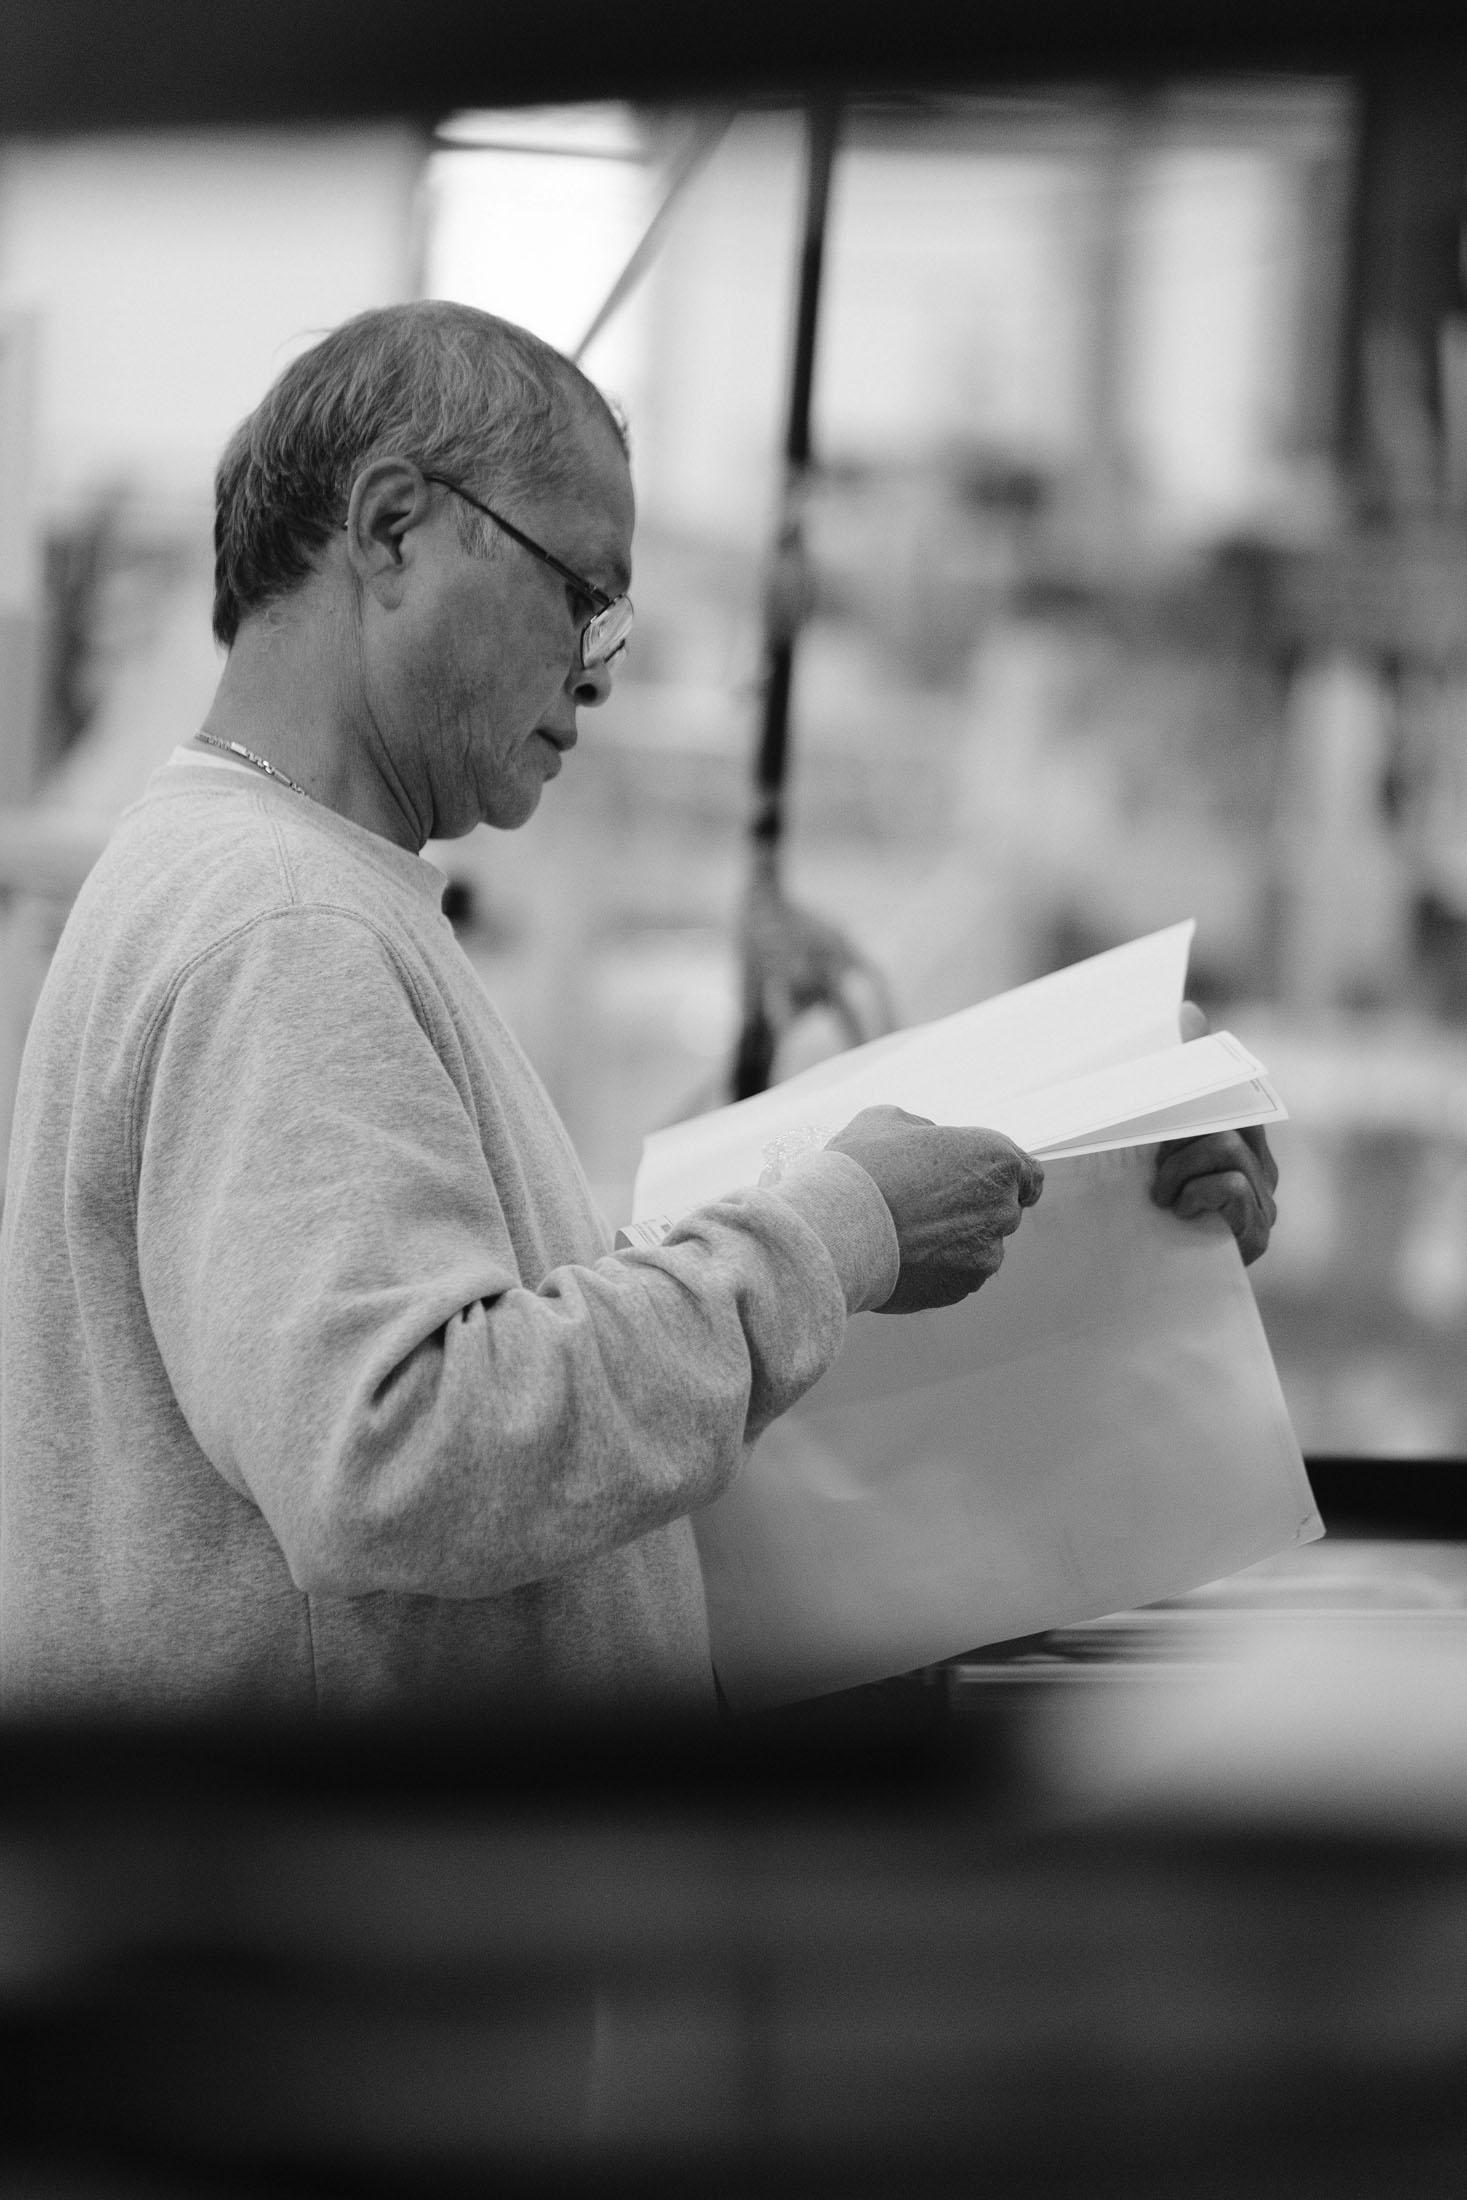 Reportage, photo d'un homme travaillant sur un site industriel